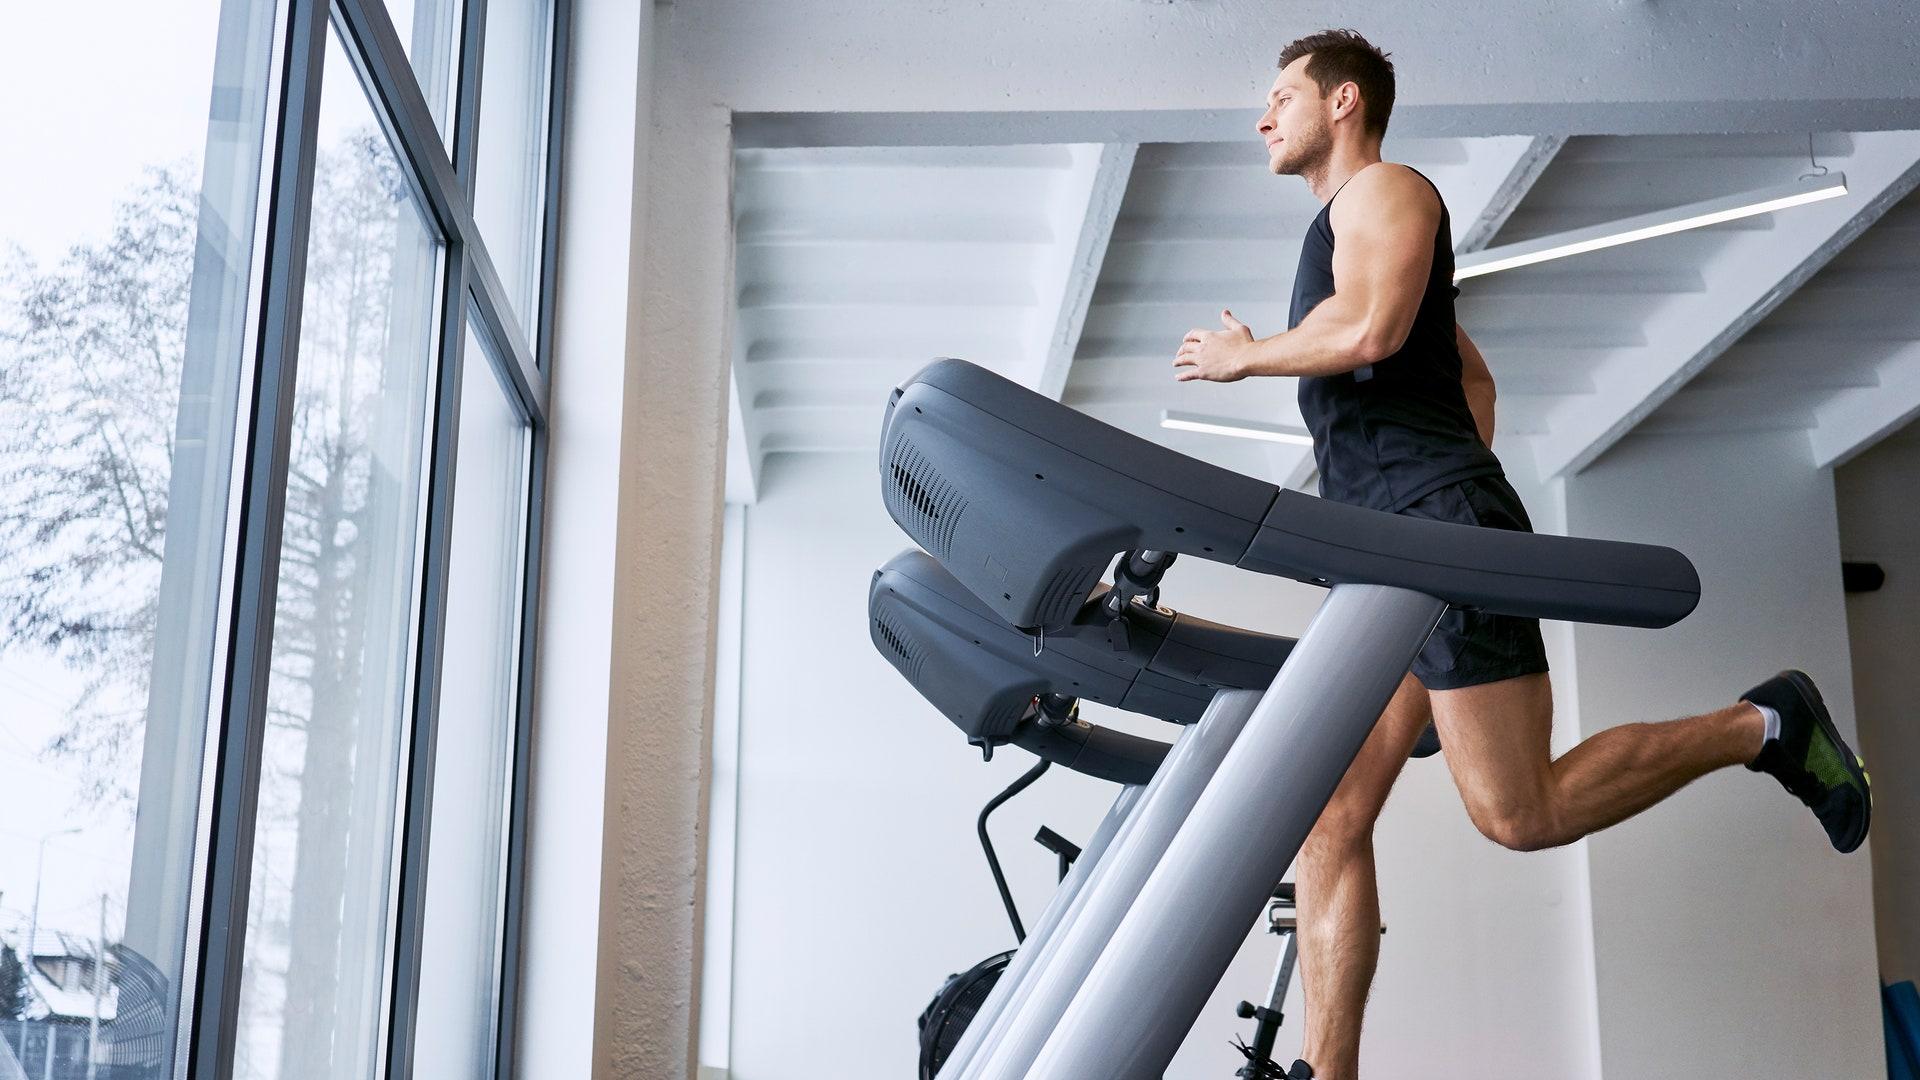 Découvrez la méthode 12-5-30 de Tiktok pour perdre du poids facilement